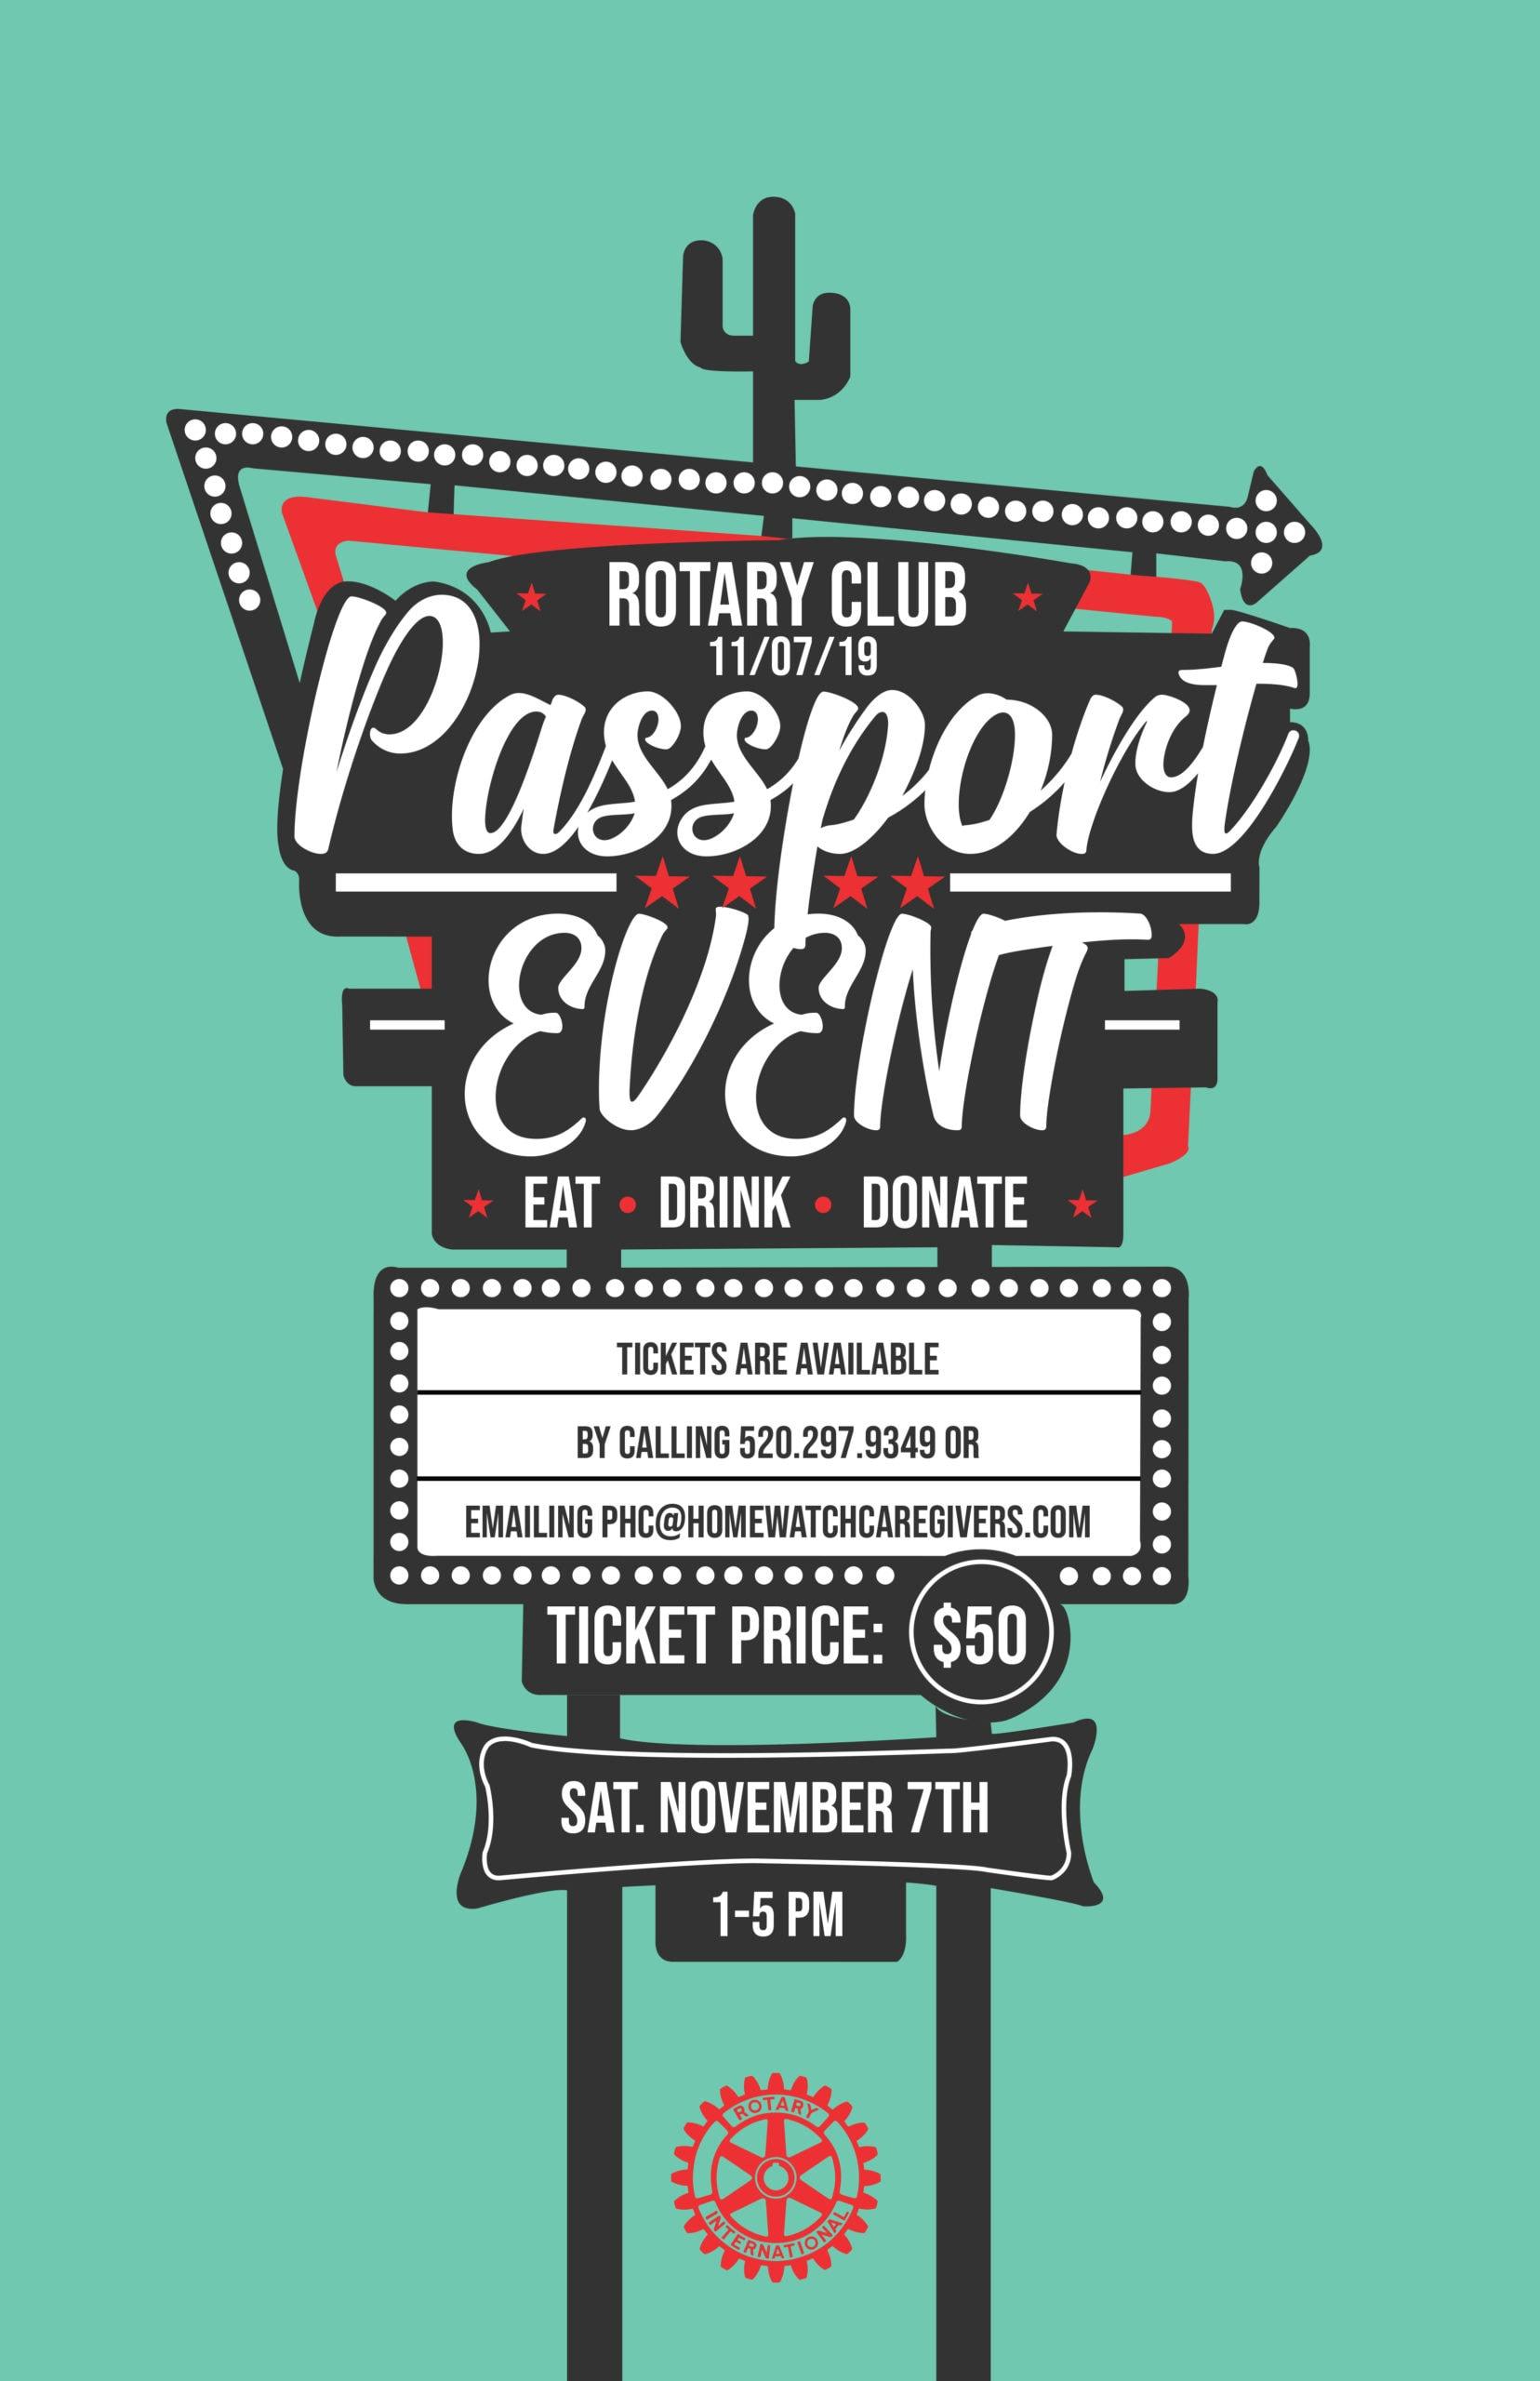 Passport event